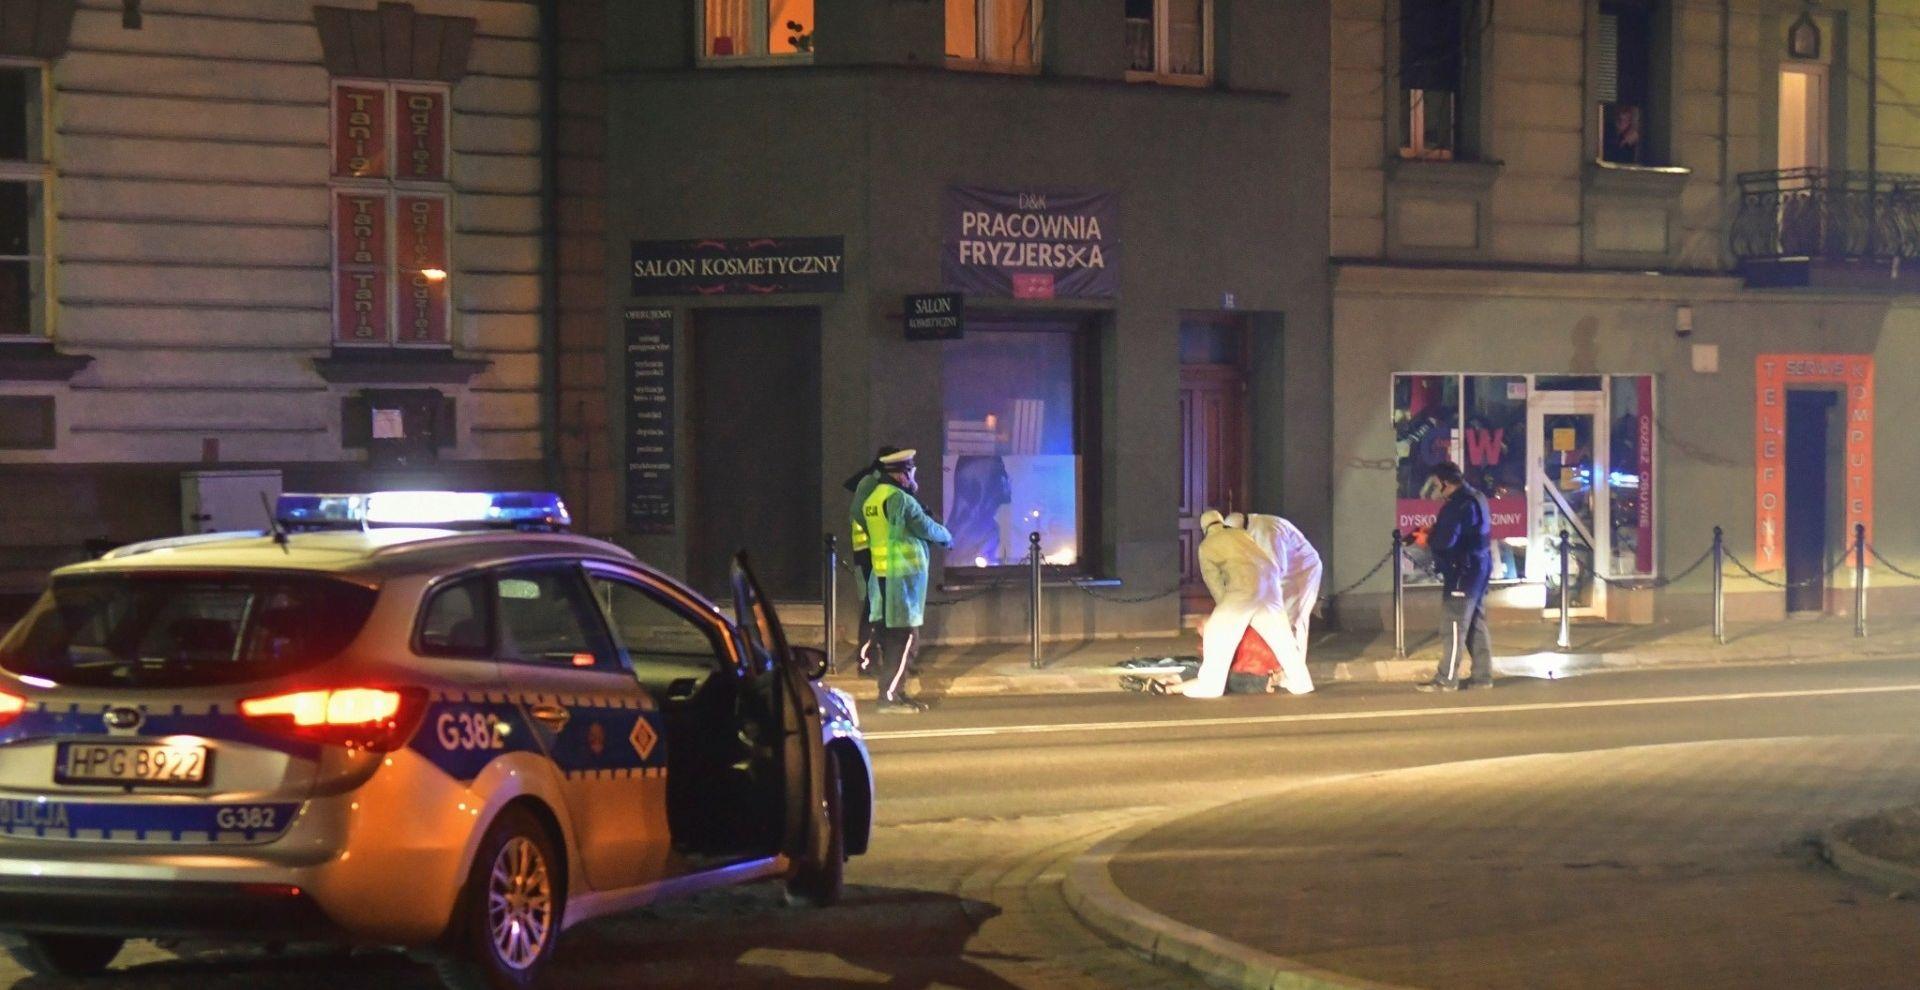 Akcja policji. Zatrzymano mężczyznę, który uciekł z kwarantanny [AKTUALIZACJA]